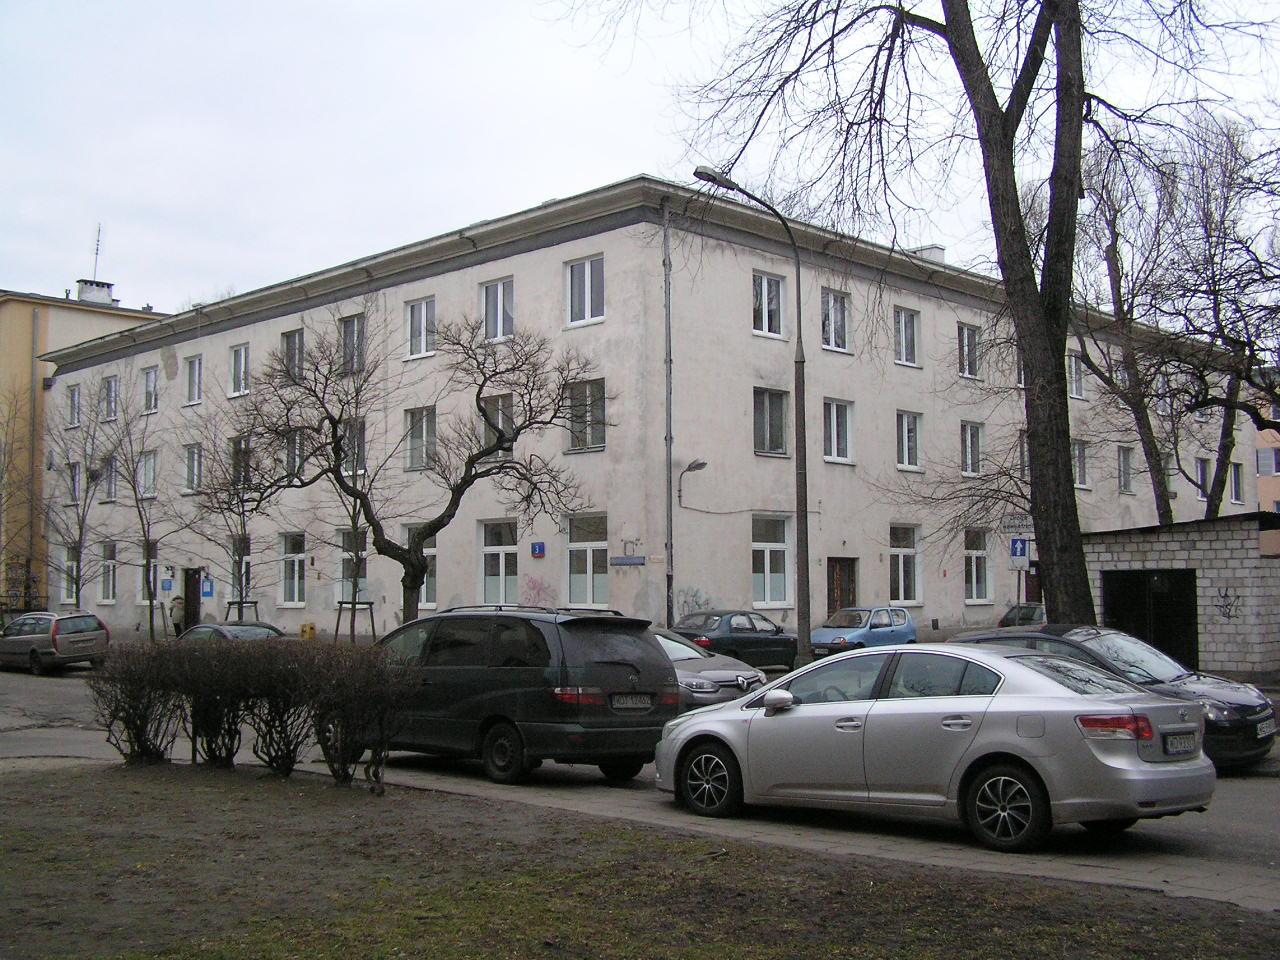 Budynek przy ulicy Tadeusza Sygietyńskiego 3 na Grochowie